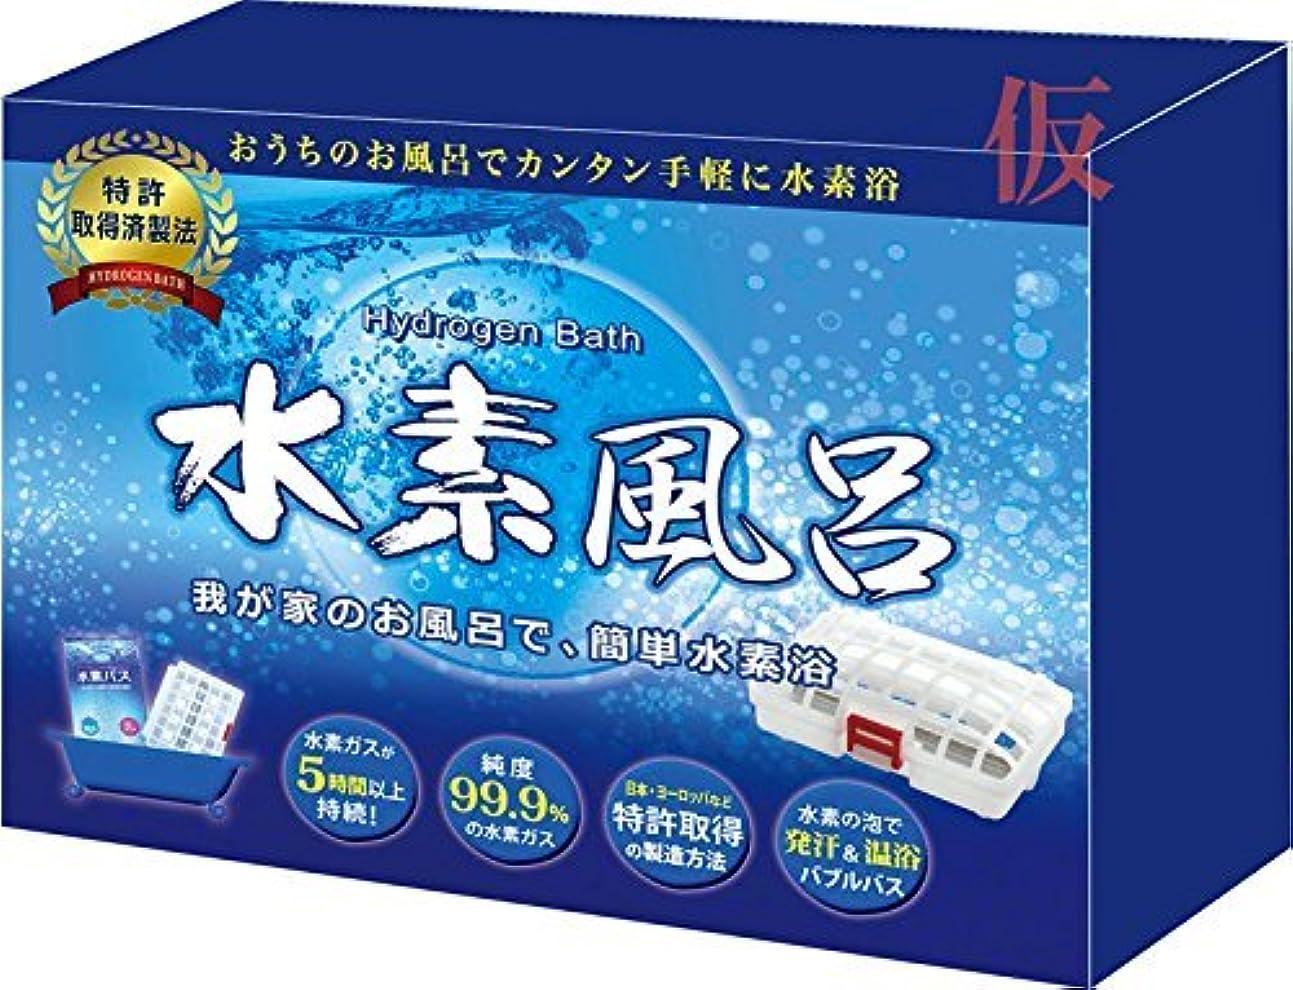 銀修理可能集まる水素風呂 4袋